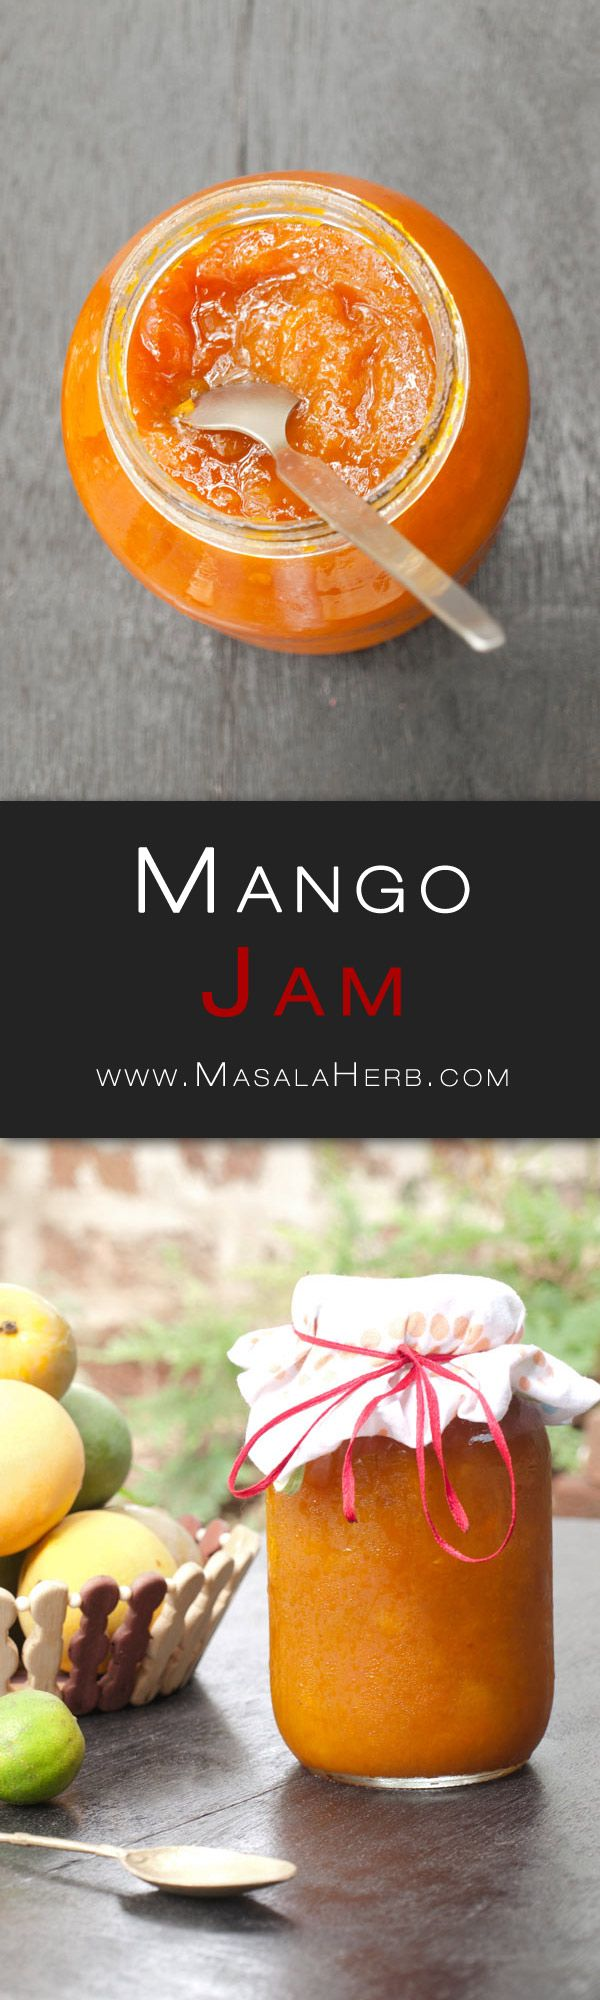 Homemade Mango Jam Recipe www.MasalaHerb.com #recipe #jam